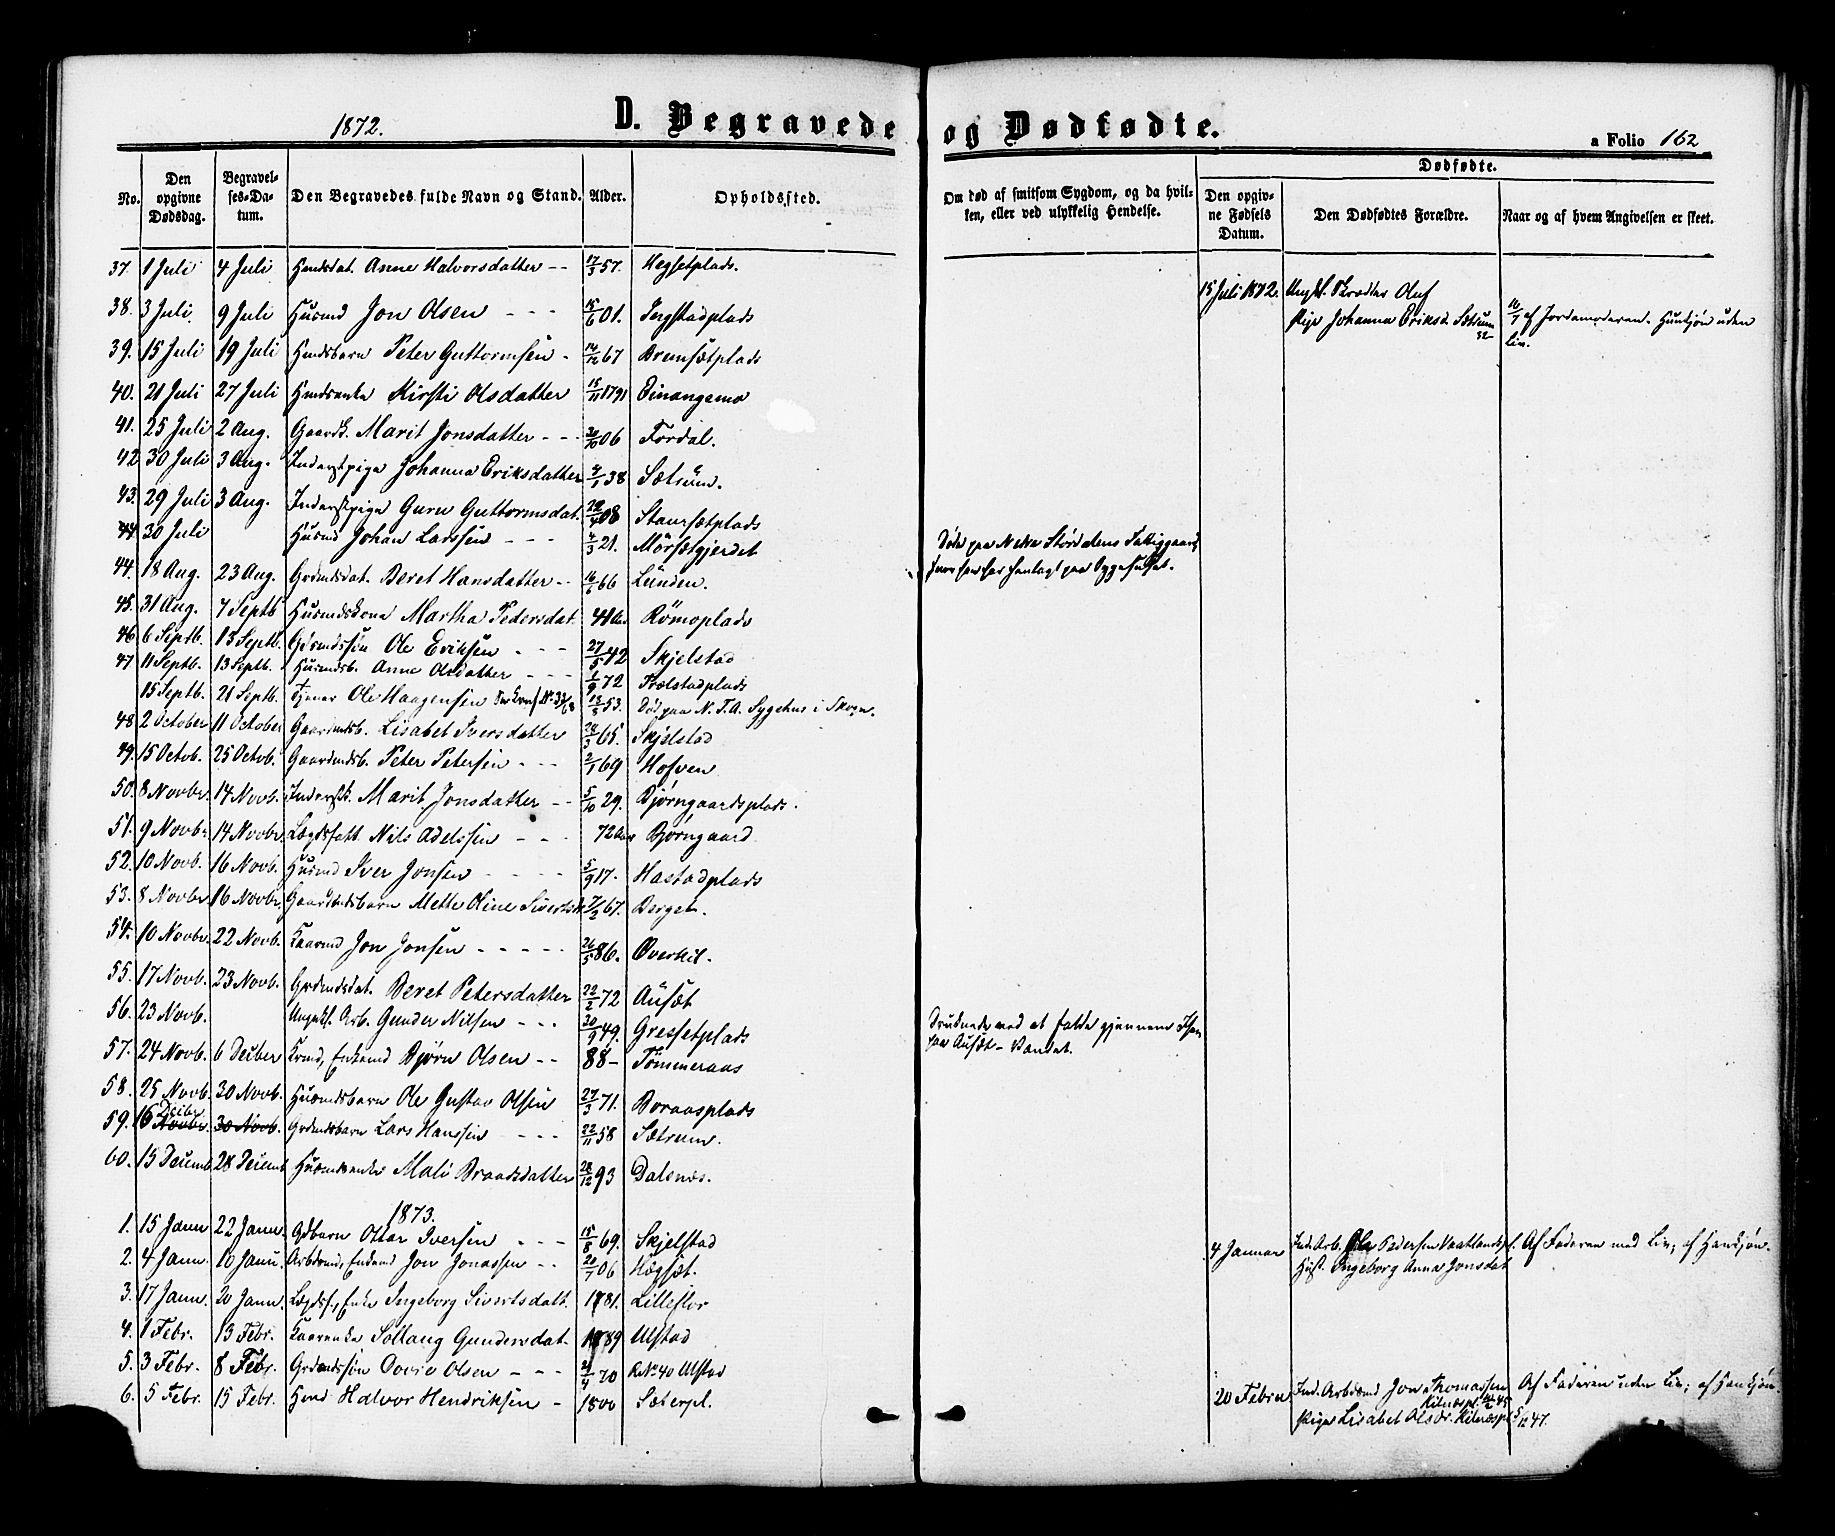 SAT, Ministerialprotokoller, klokkerbøker og fødselsregistre - Nord-Trøndelag, 703/L0029: Ministerialbok nr. 703A02, 1863-1879, s. 162